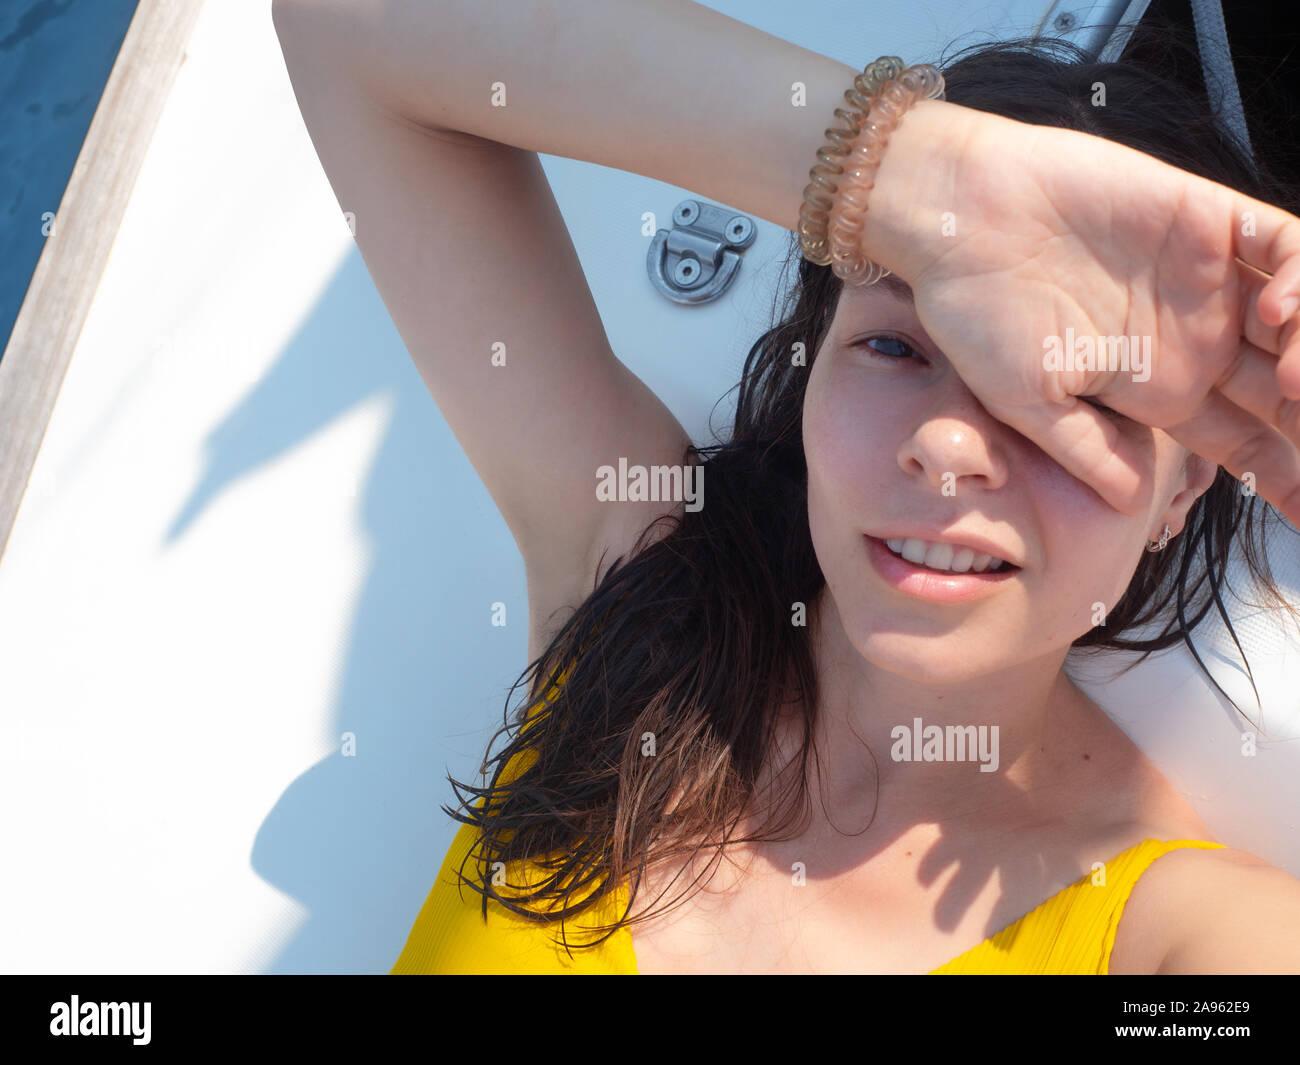 Giovane donna in un giallo brillante in pezzo unico costume da bagno a prendere il sole sul ponte di una barca a vela. Vacanze al mare, scottature e protezione solare. Foto Stock